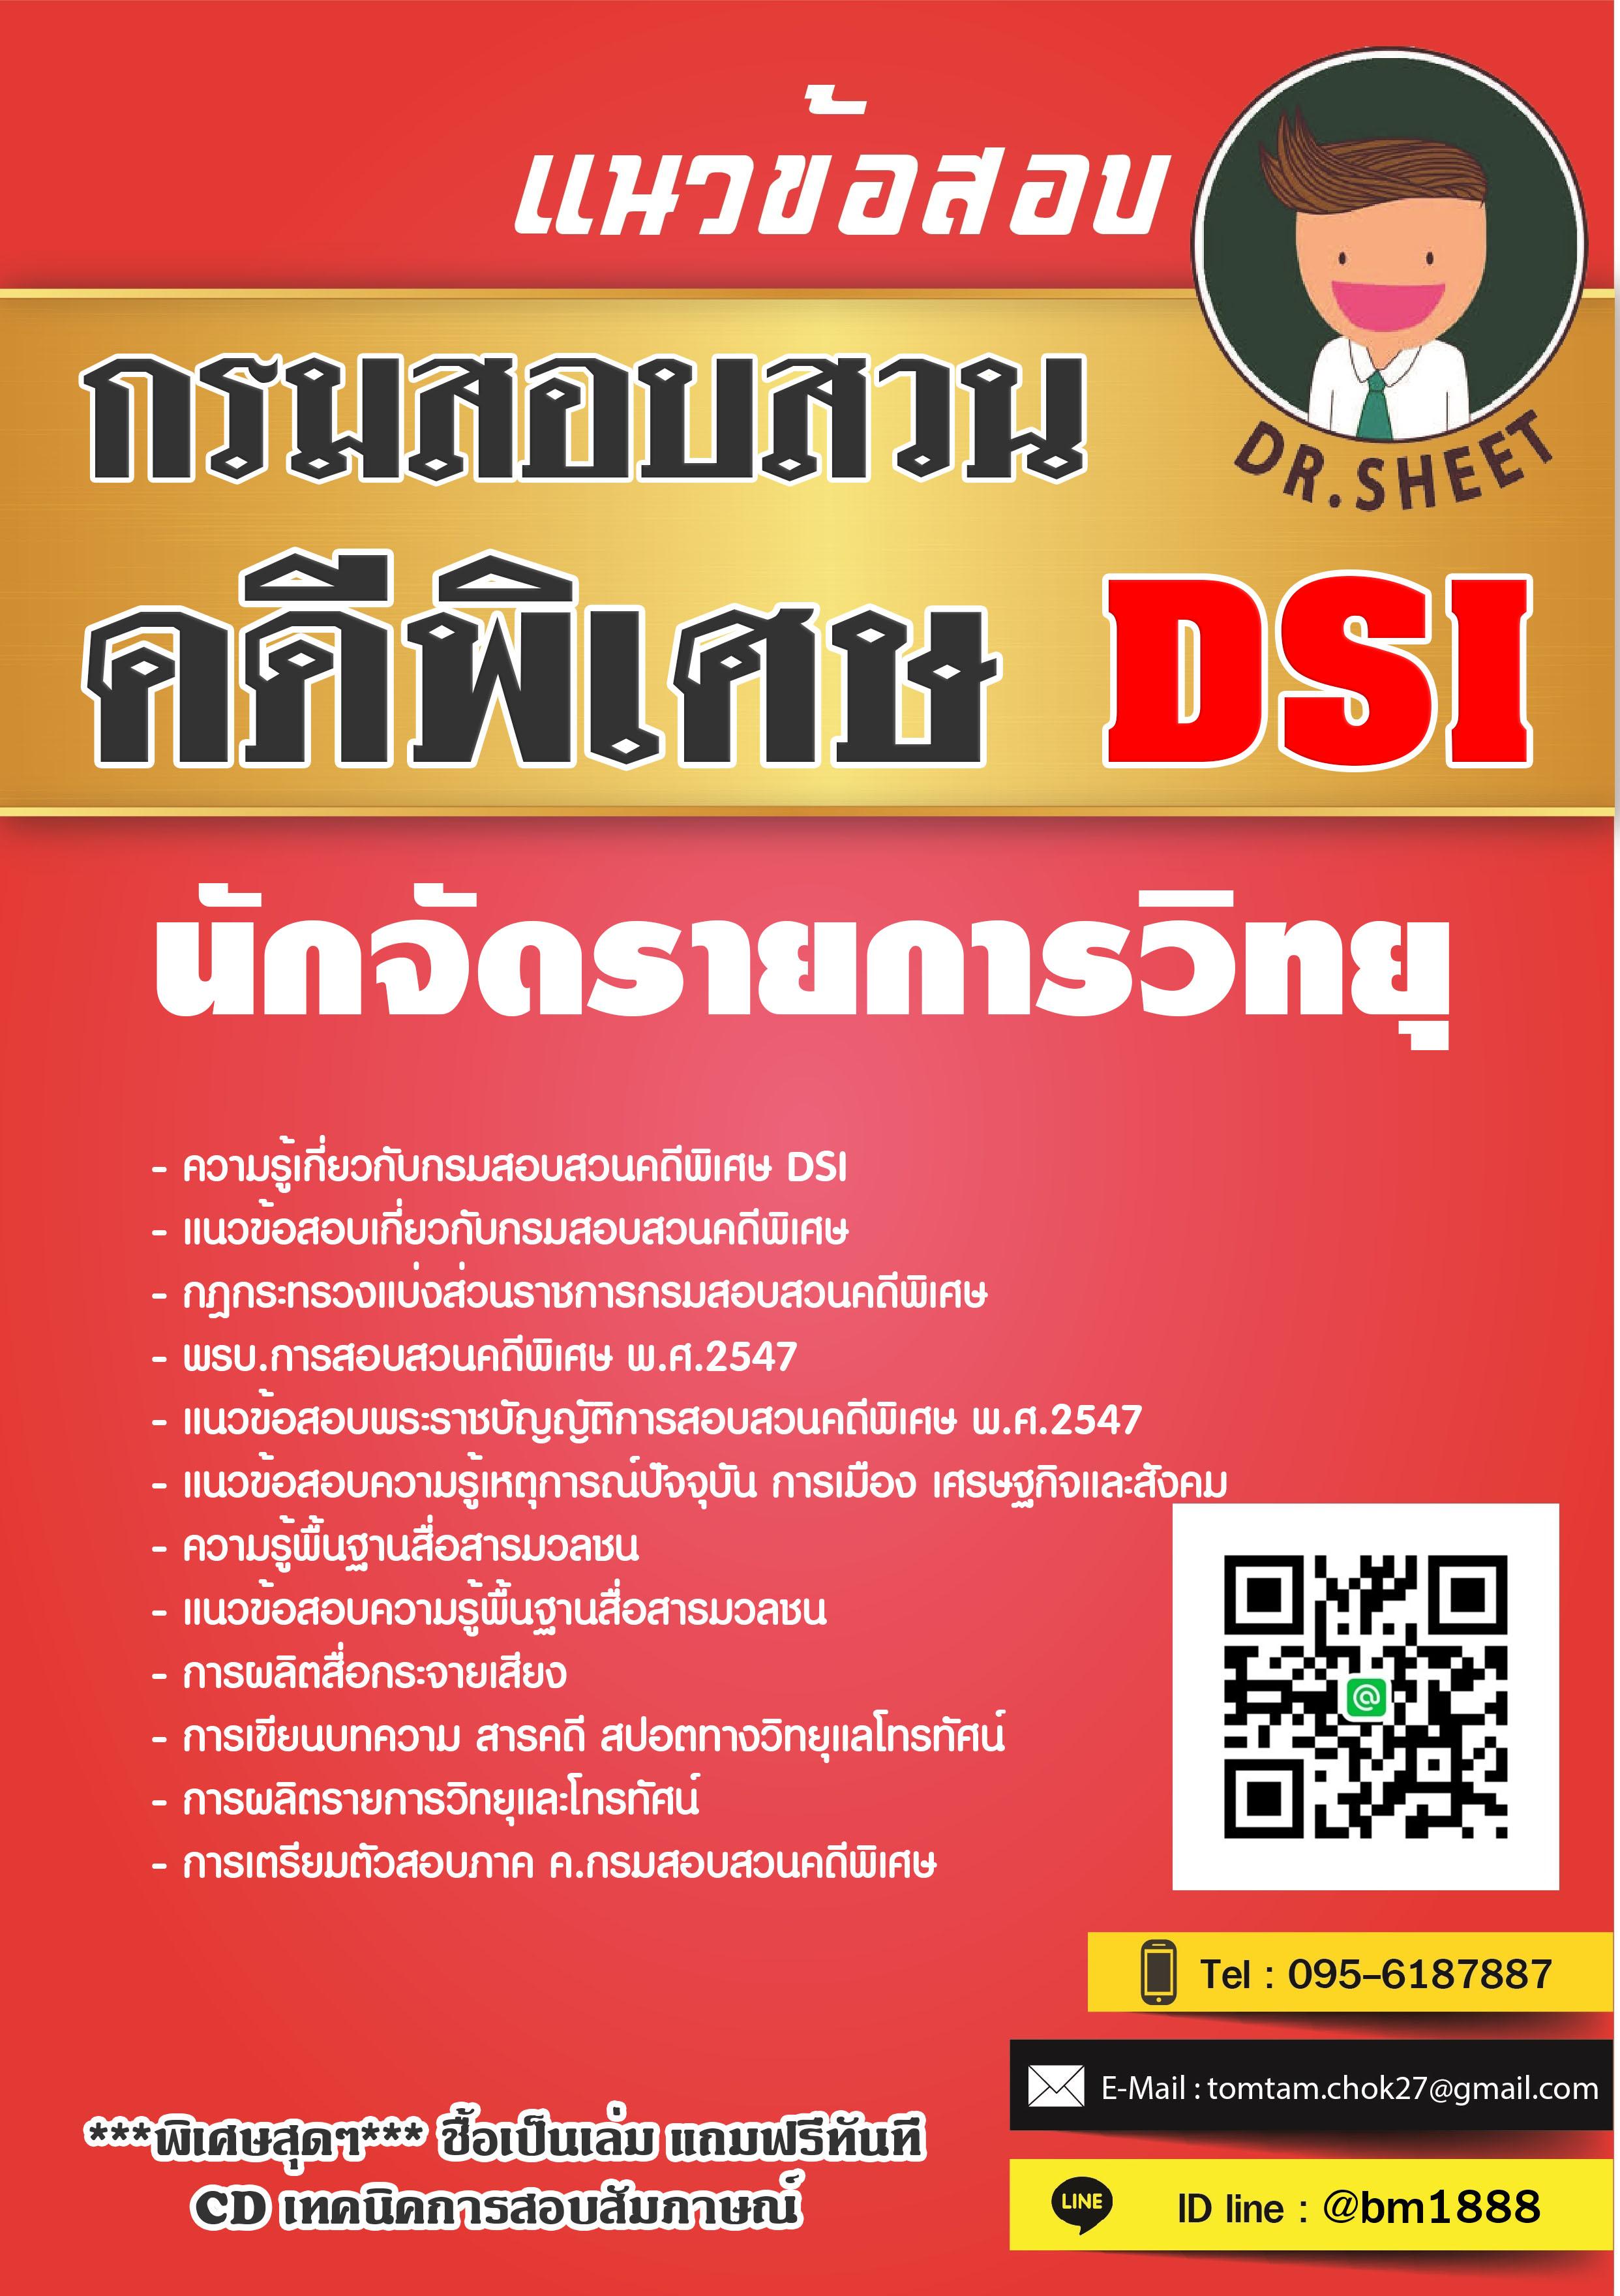 [ตรงประเด็น]แนวข้อสอบ นักจัดรายการวิทยุ กรมสอบสวนคดีพิเศษ DSI